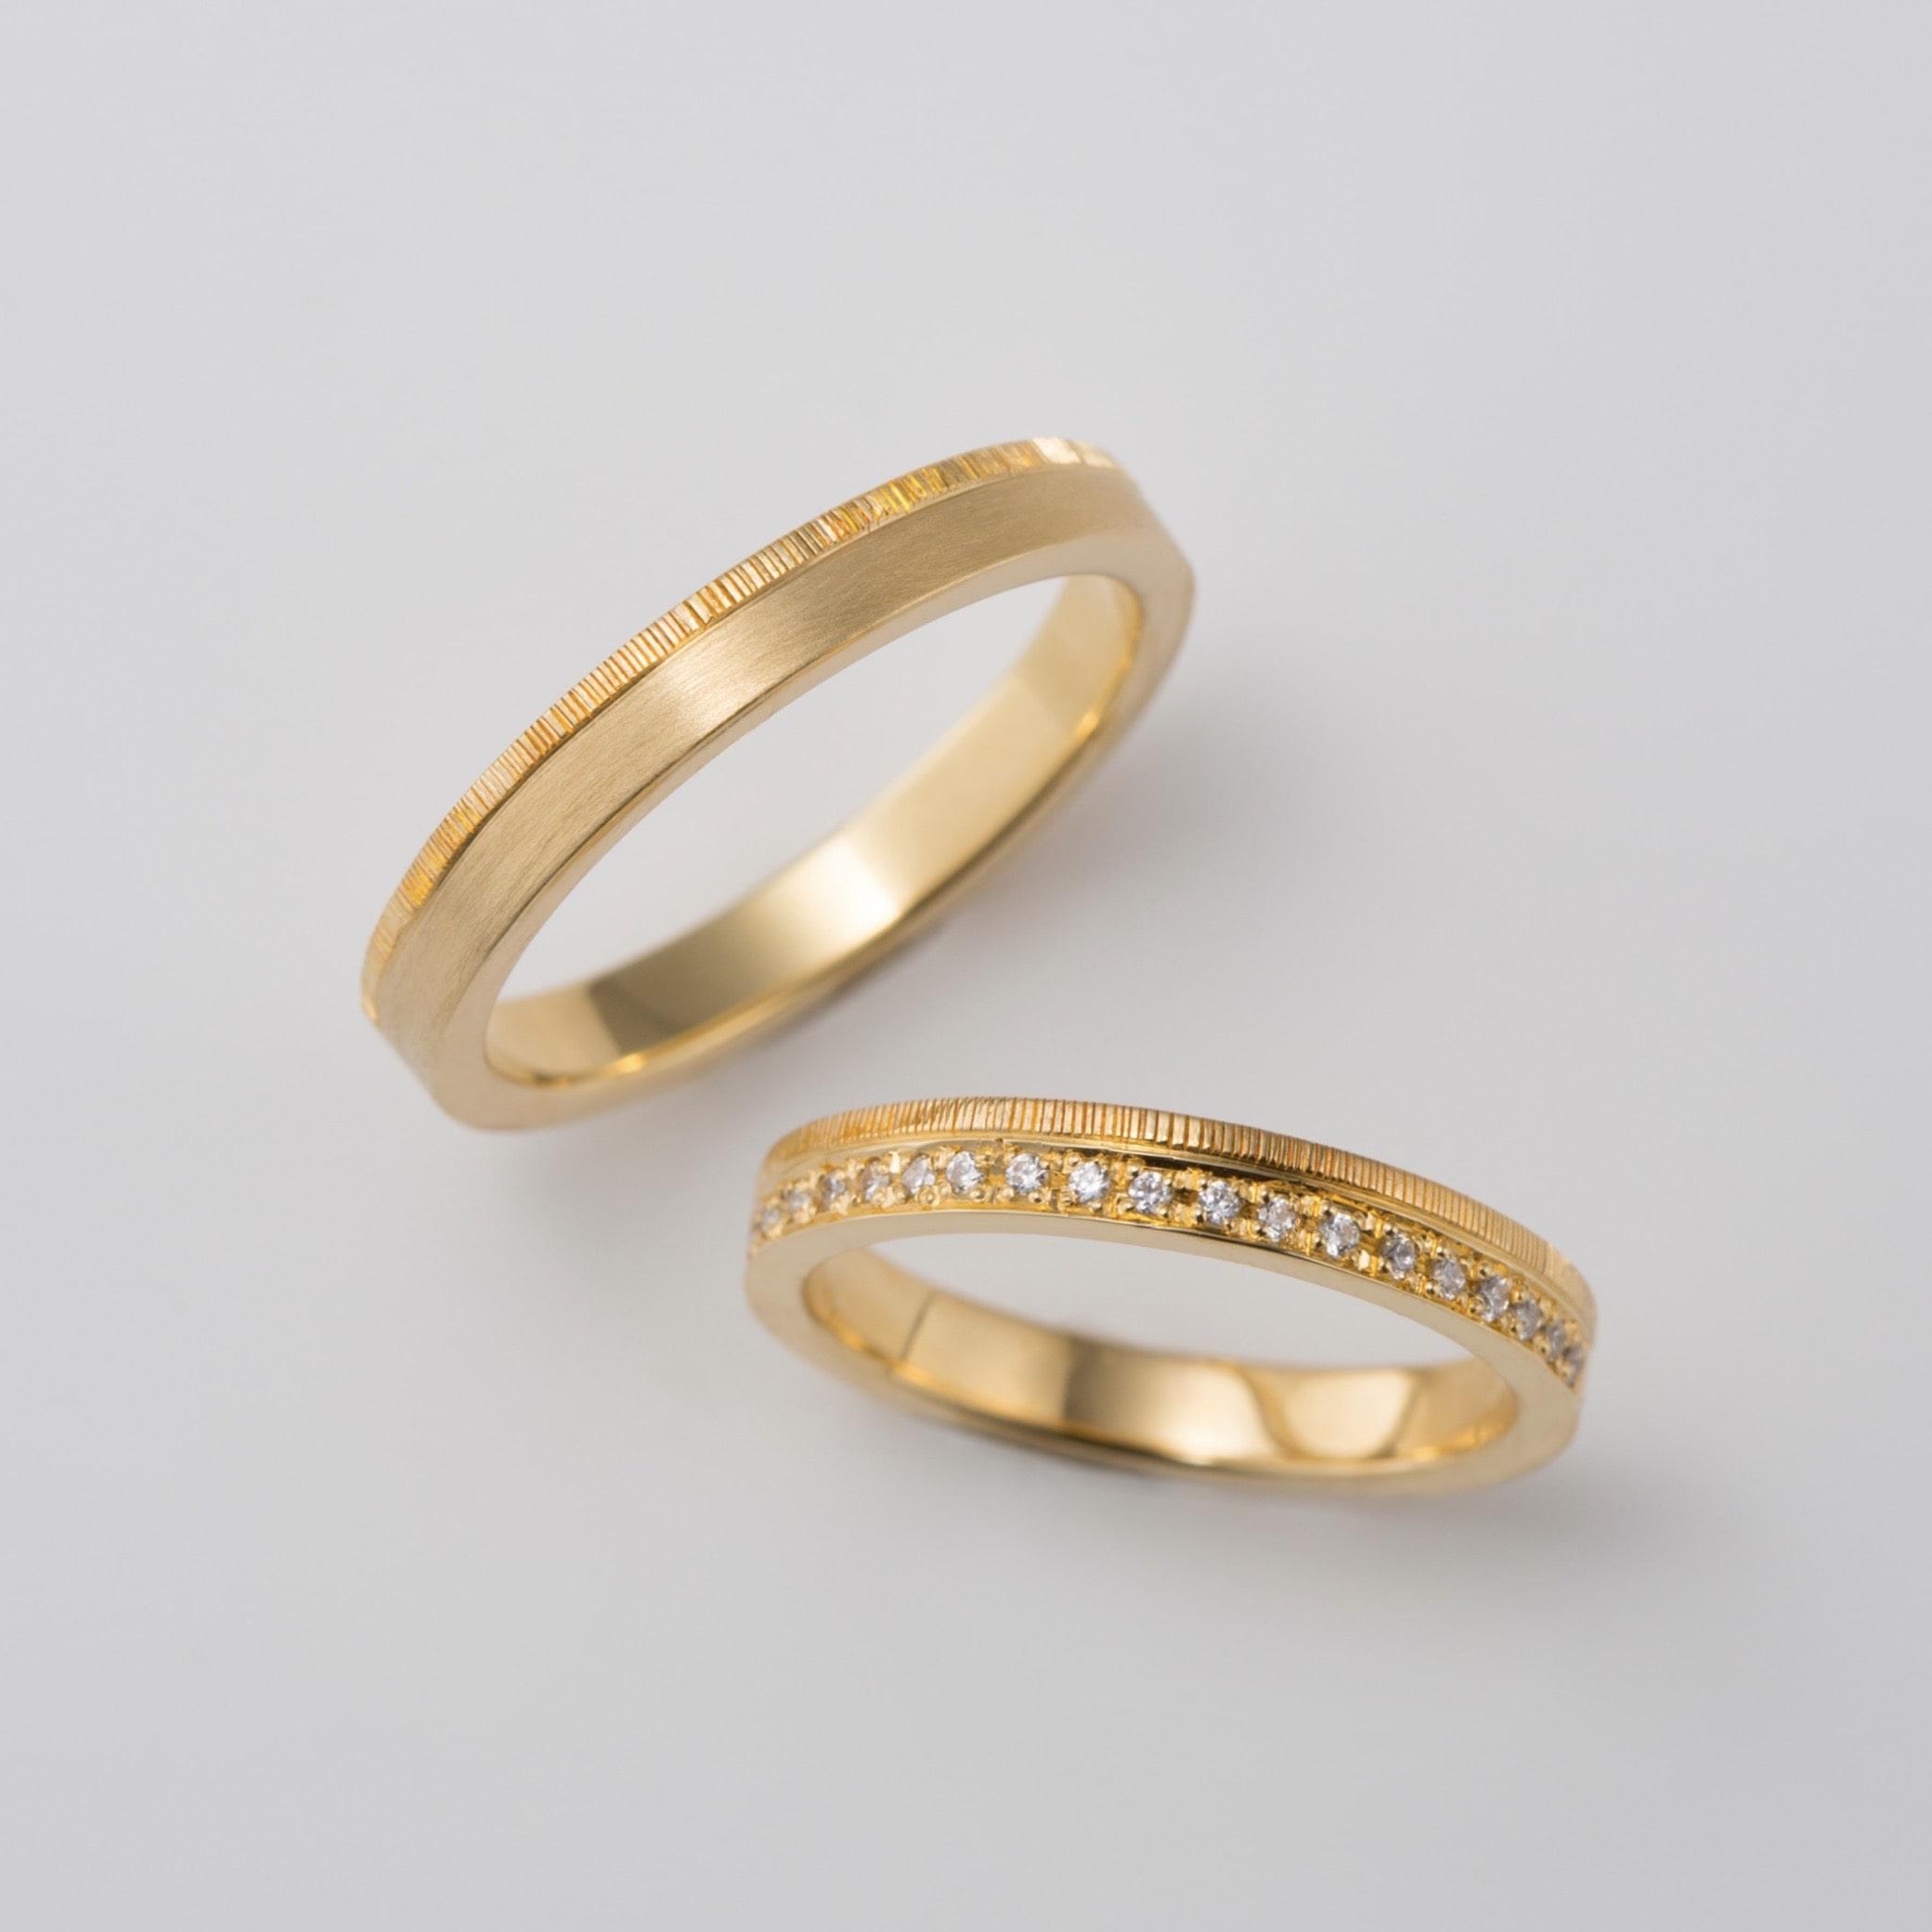 ゴールドの結婚指輪はあり?人気の理由と選び方のポイント